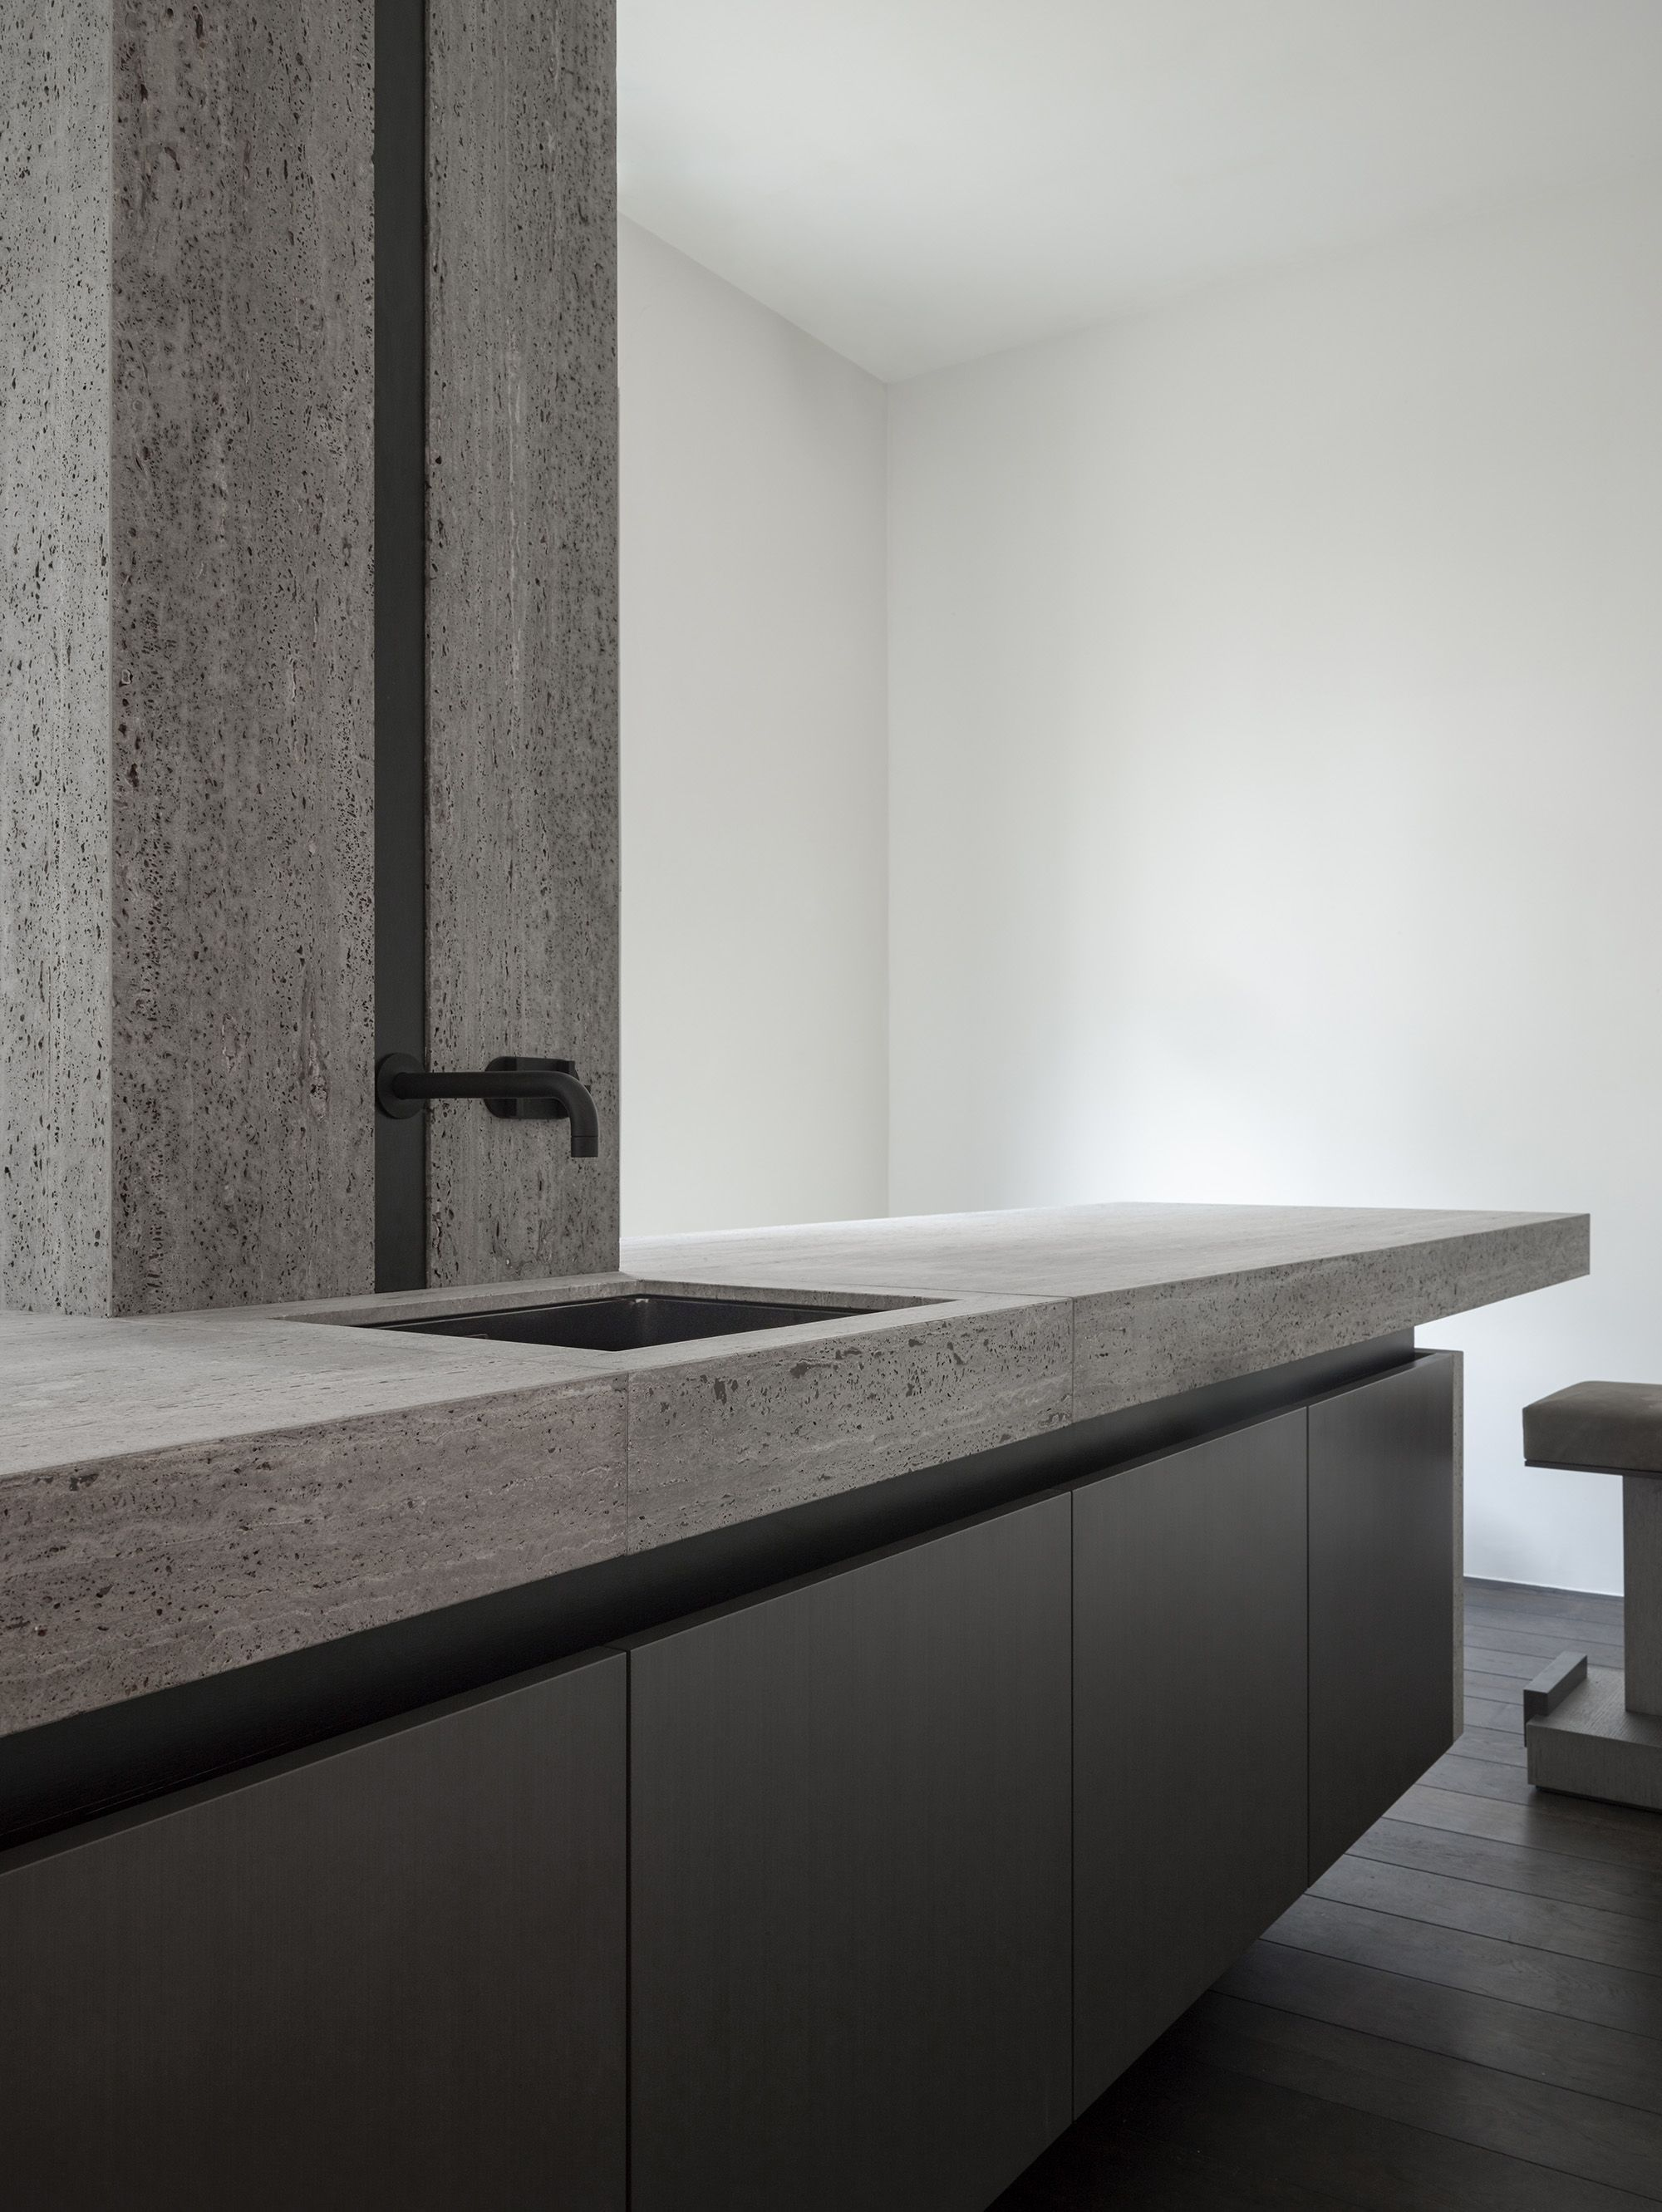 Signature Kitchen Cabinets Obumex I A Signature Kitchen By Glenn Sestig I Design I Architect